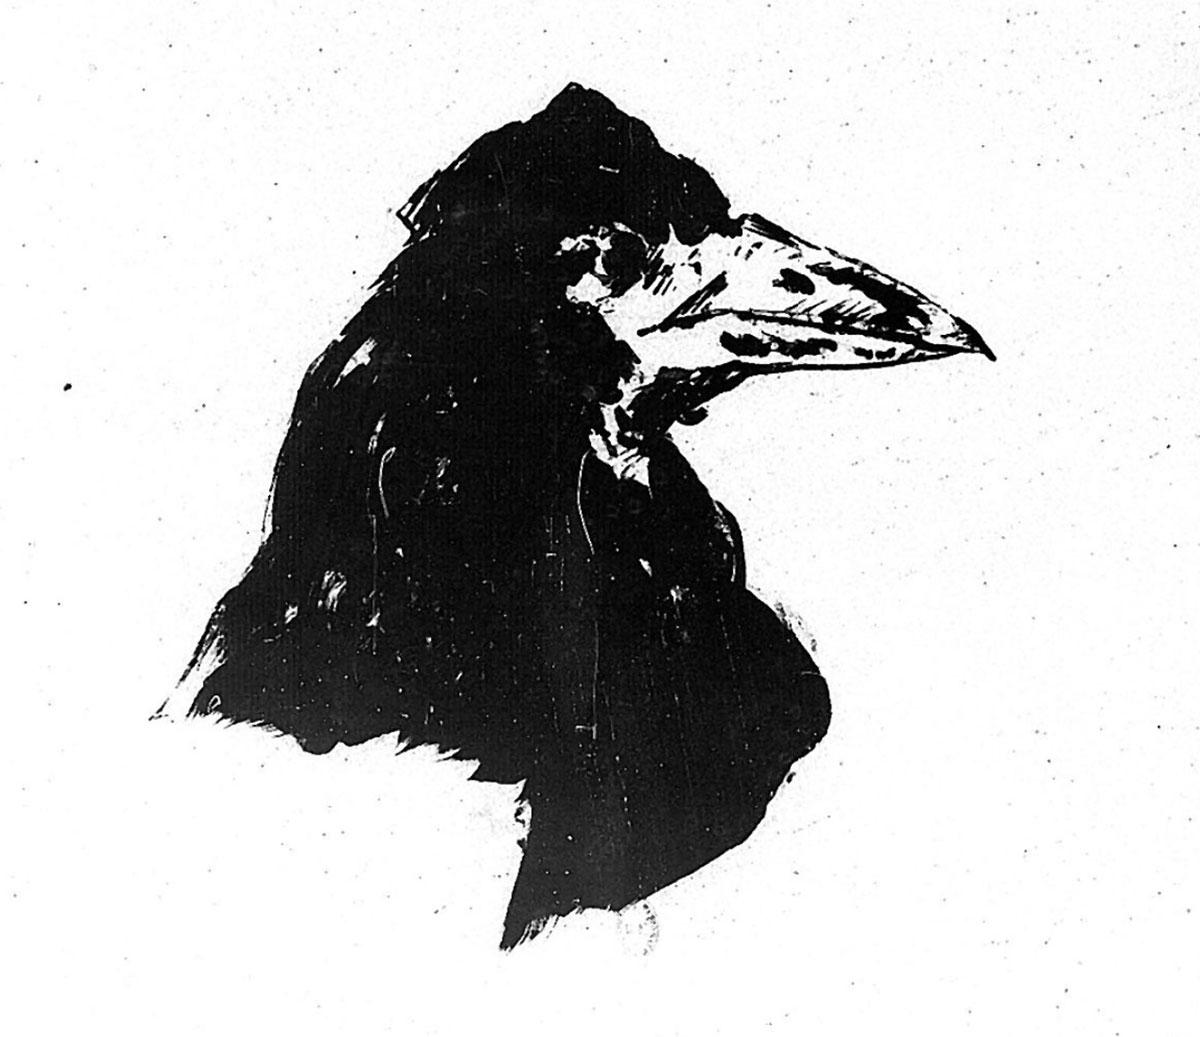 Les-Animaux-ont-aussi-leur-histoire-Michel-Pastoureau-emission-france-culture-le-corbeau-edouard-manet-index-grafik